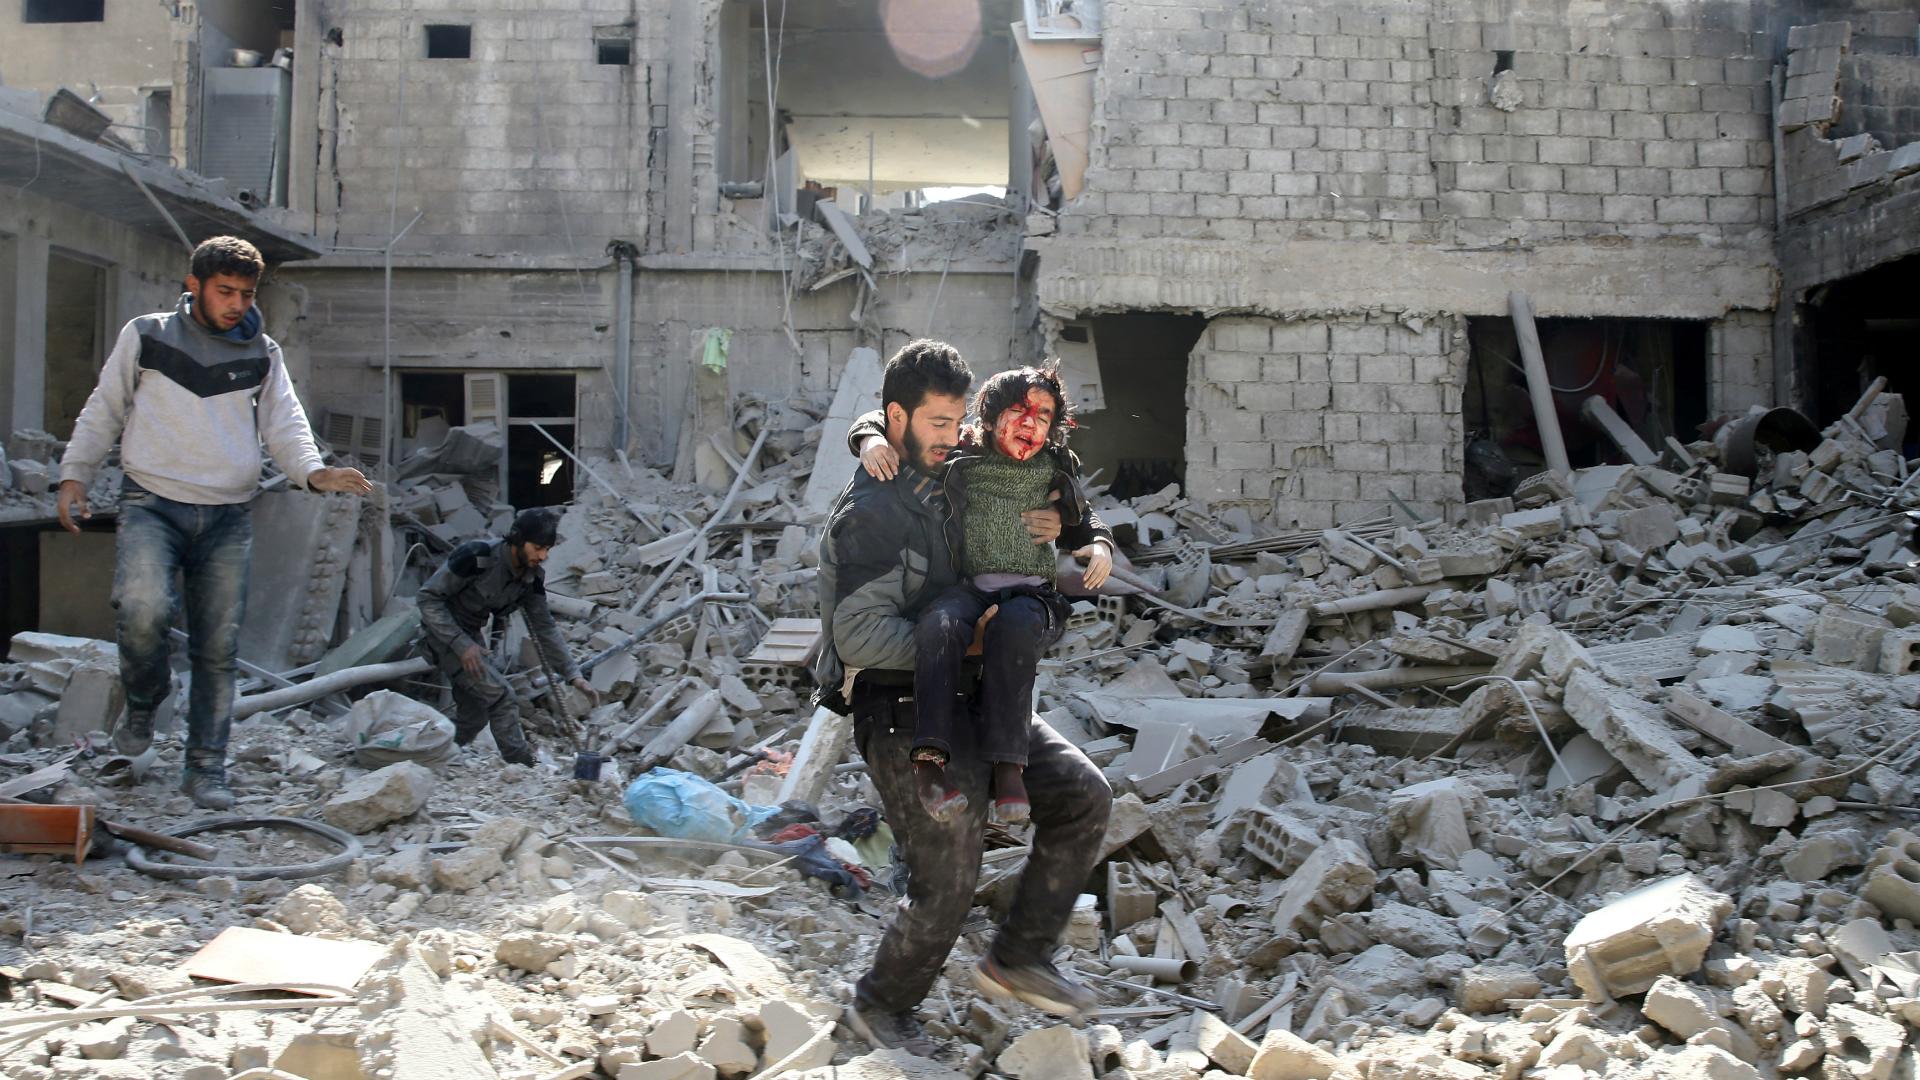 Más de 510 mil personas han muerto durante la guerra en Siria, según un balance del Observatorio Sirio de Derechos Humanos (OSDH) publicado en marzo de 2018